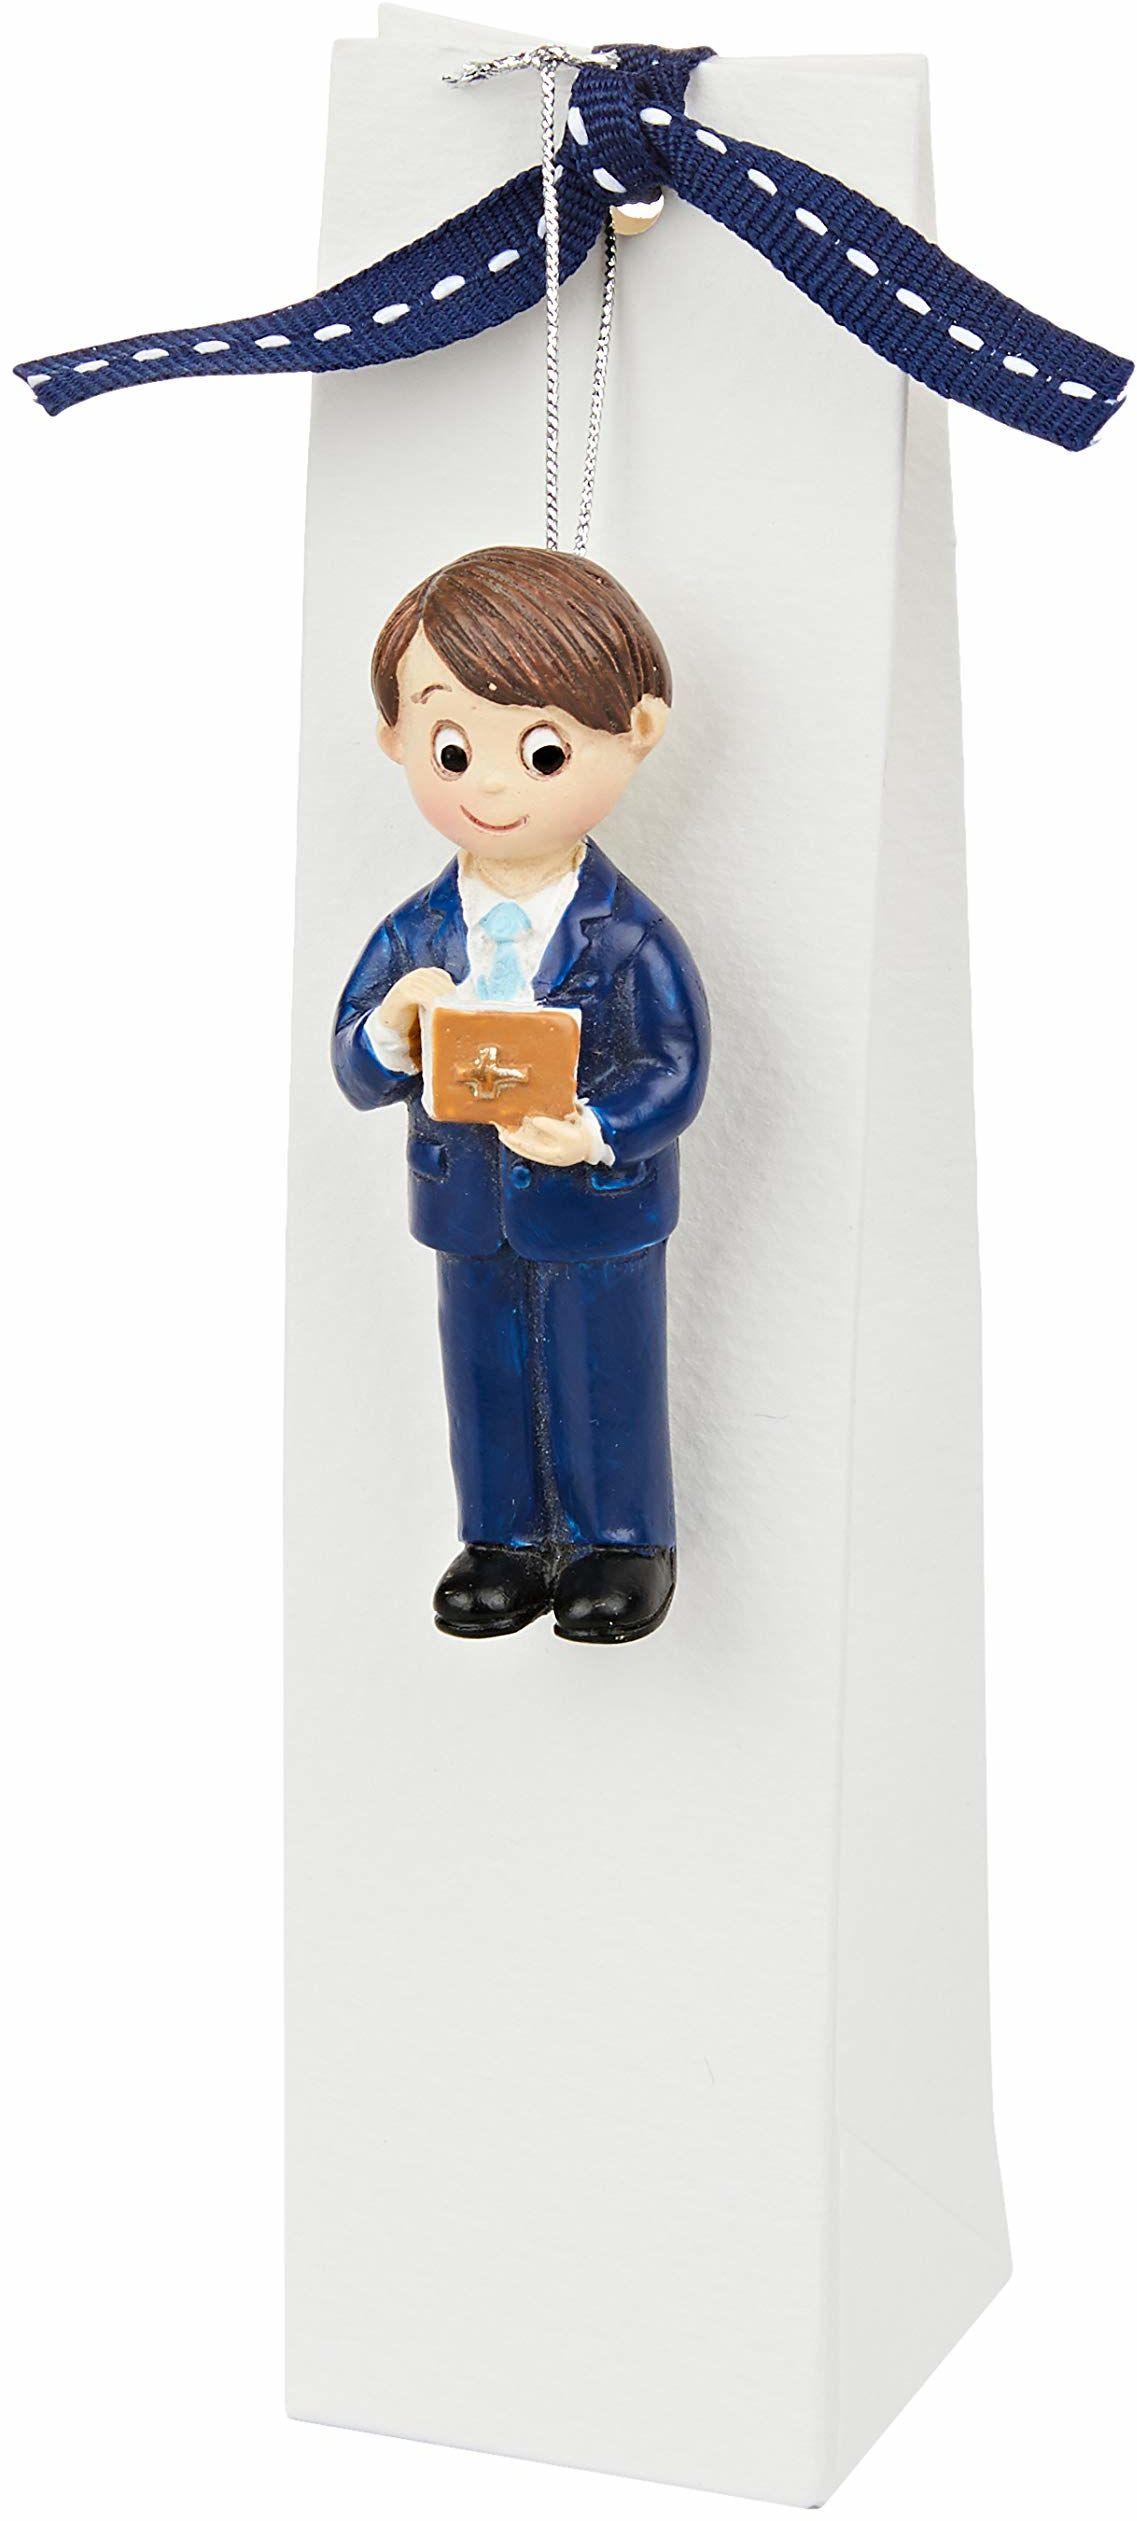 Mopec ZP6730 magnes dla dzieci, na komunię, garnitur niebieski i biblijny z 3 cukierkami, karton, wielokolorowy, rozmiar uniwersalny